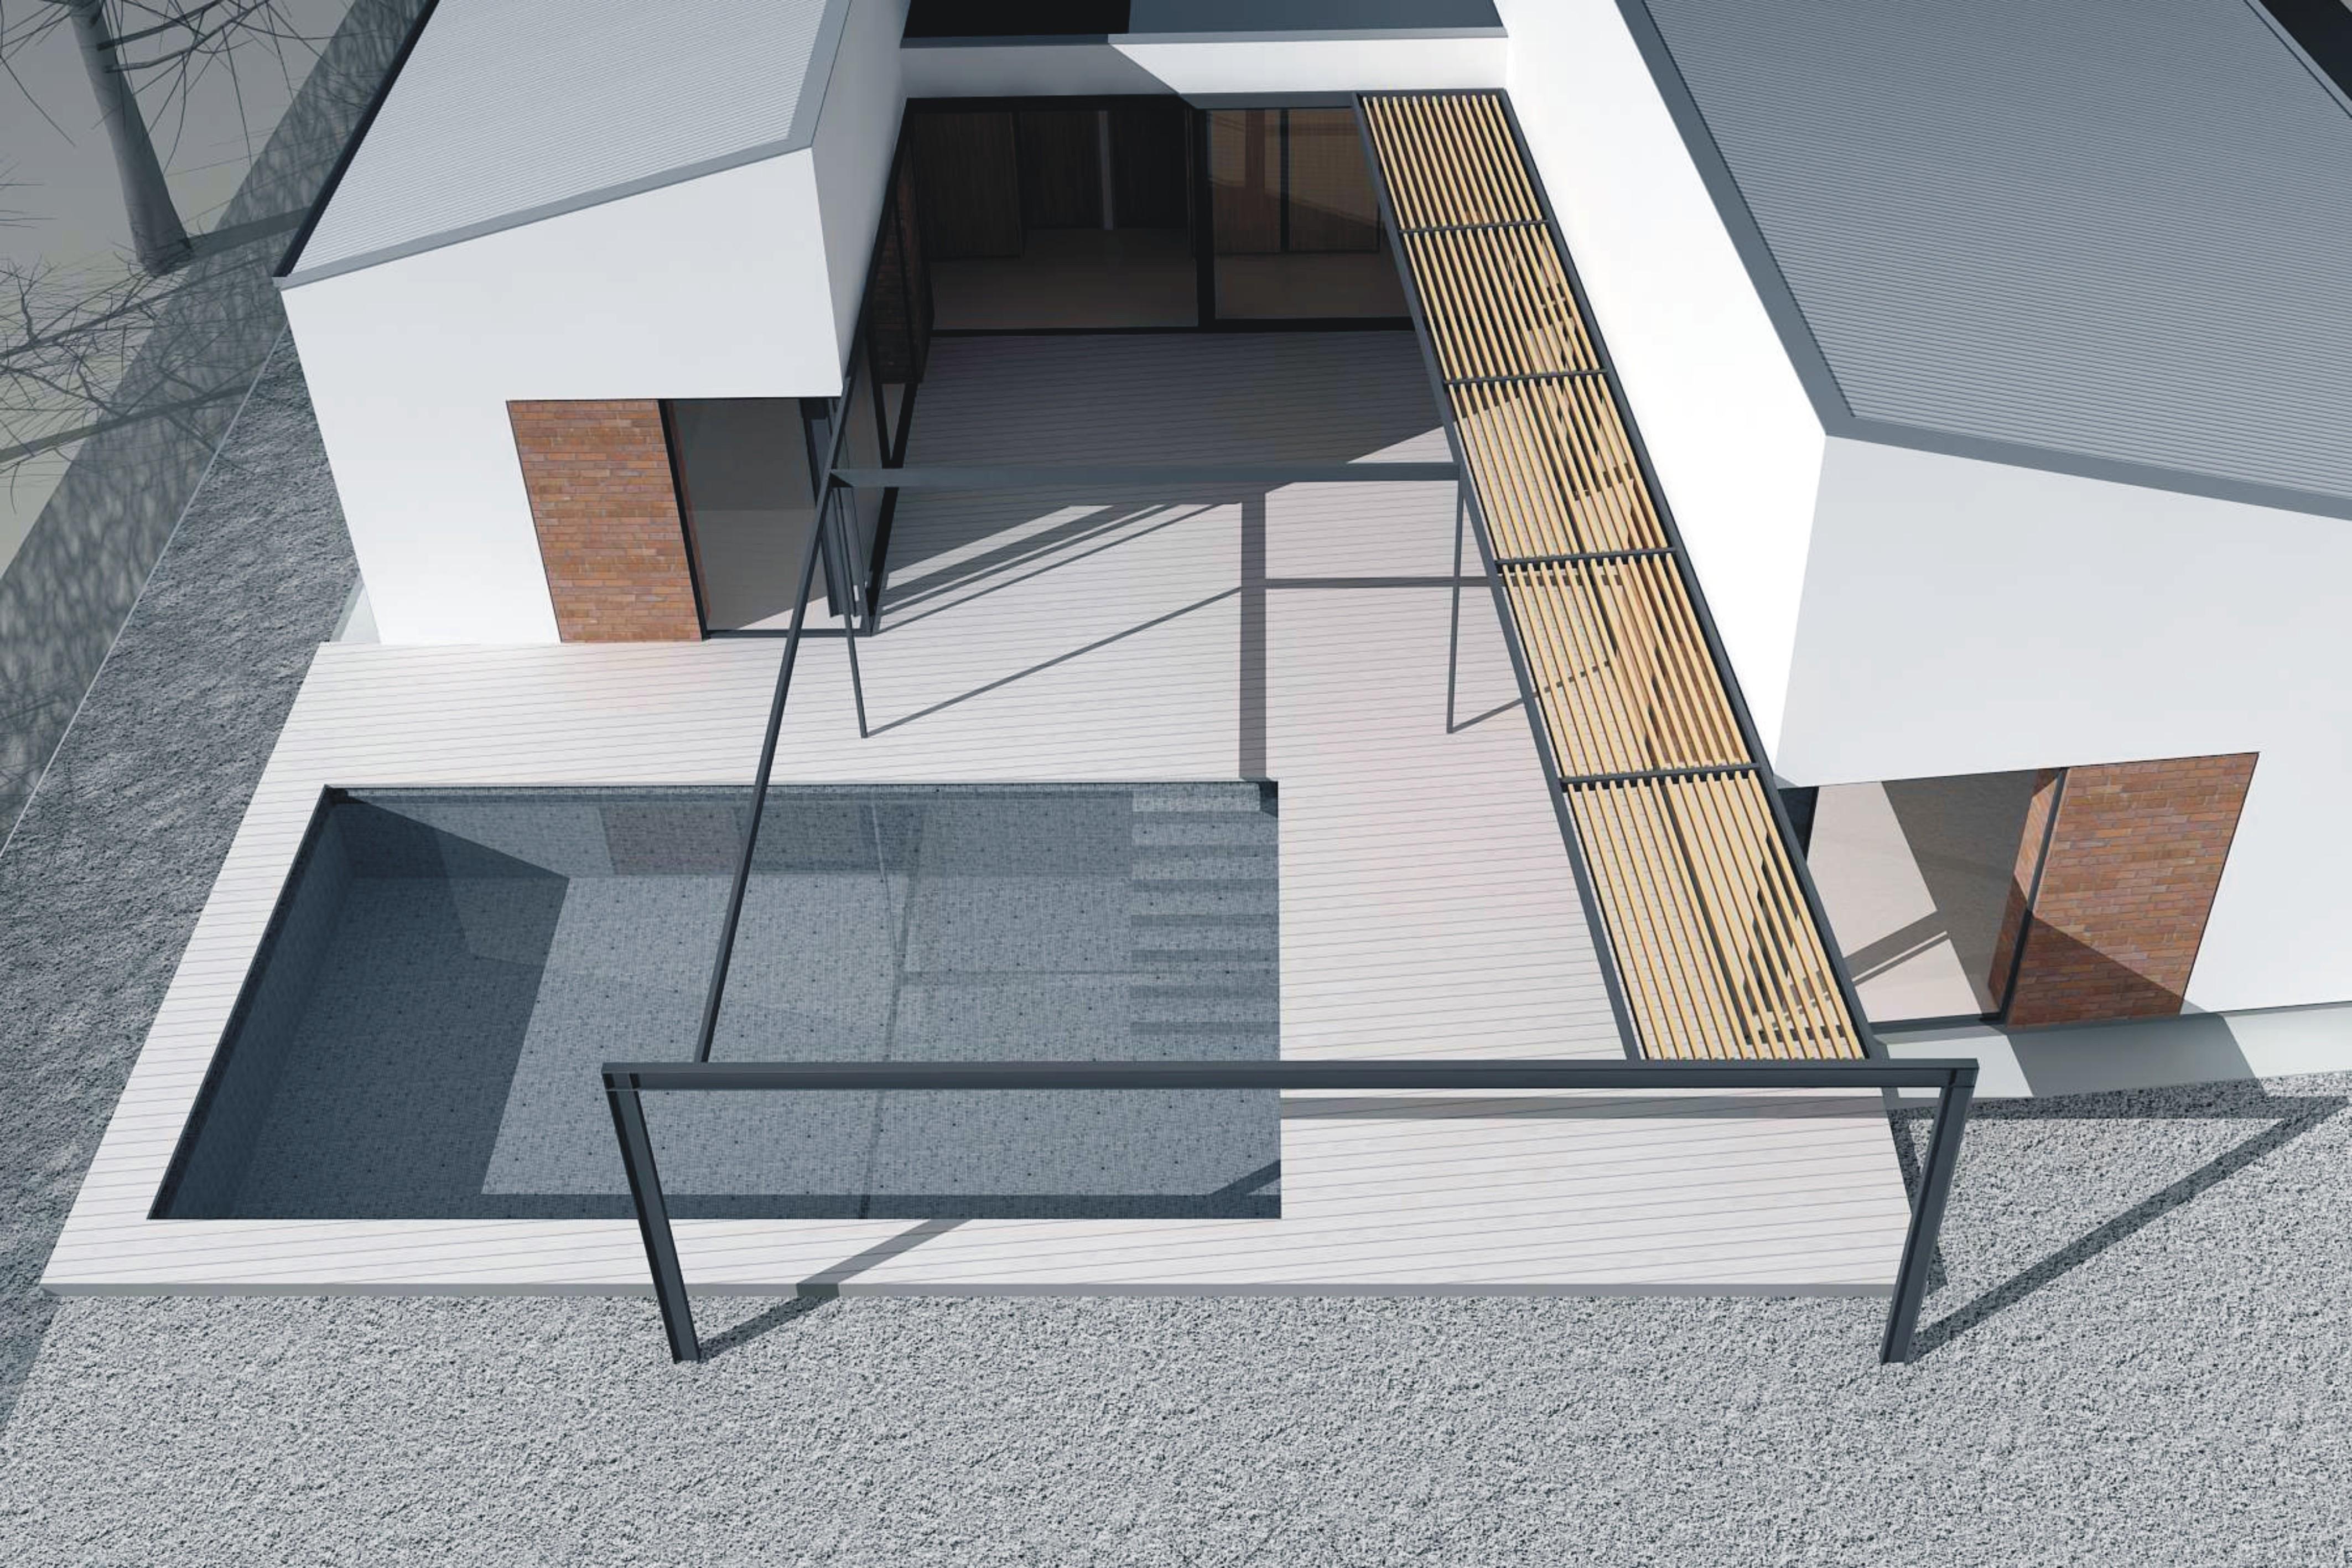 Projekt stavby rodinného domu IX 07